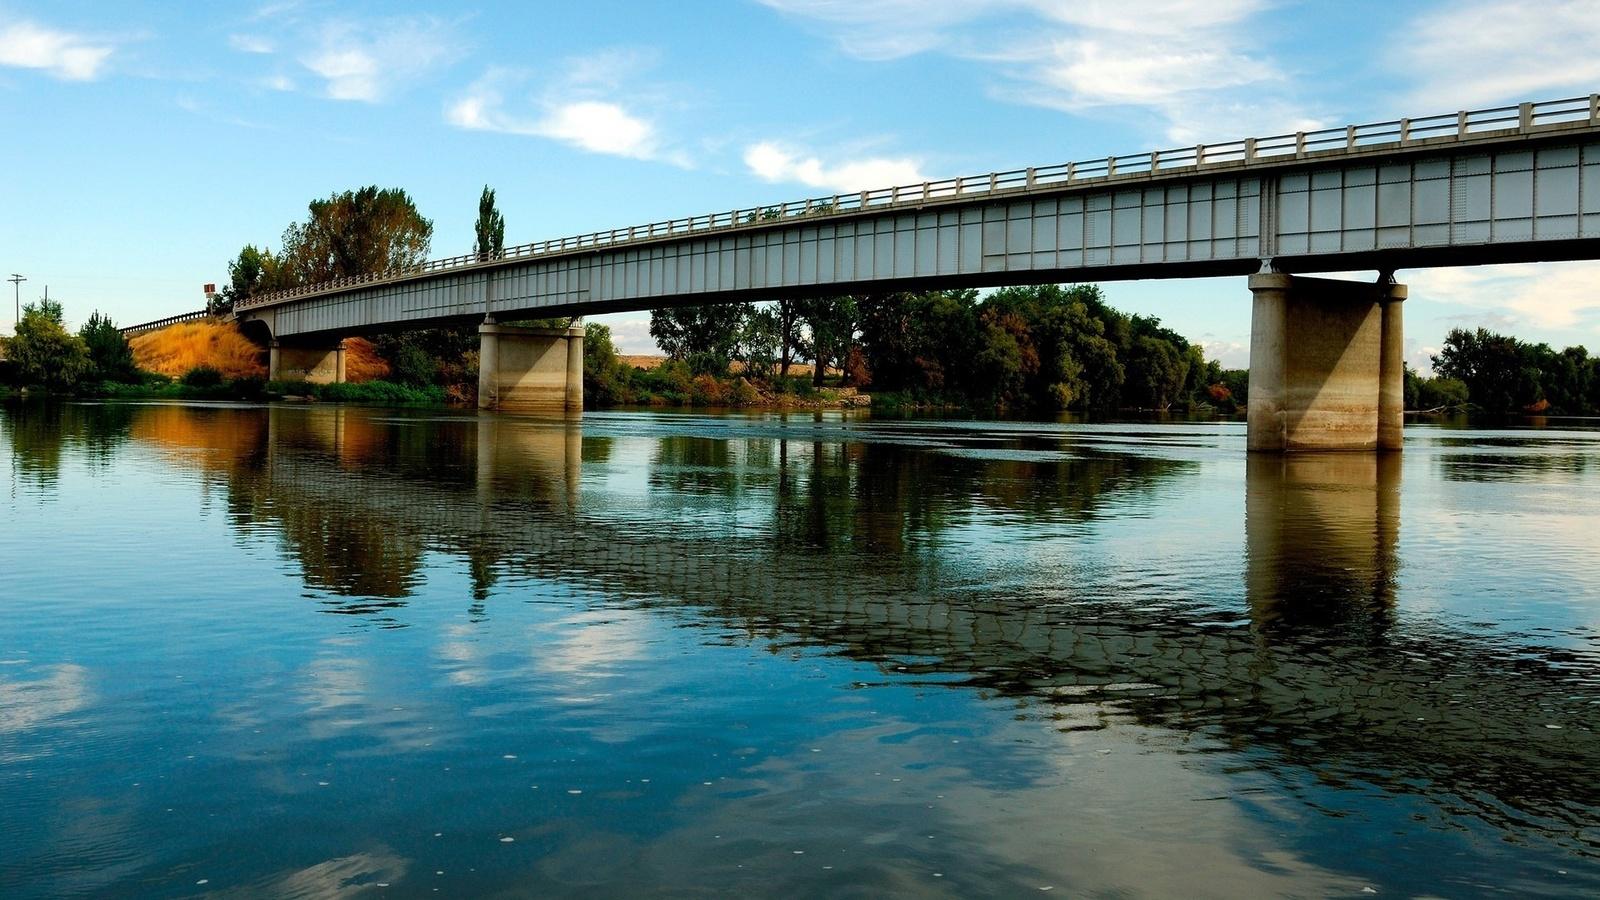 шульц мост через речку картинка улице